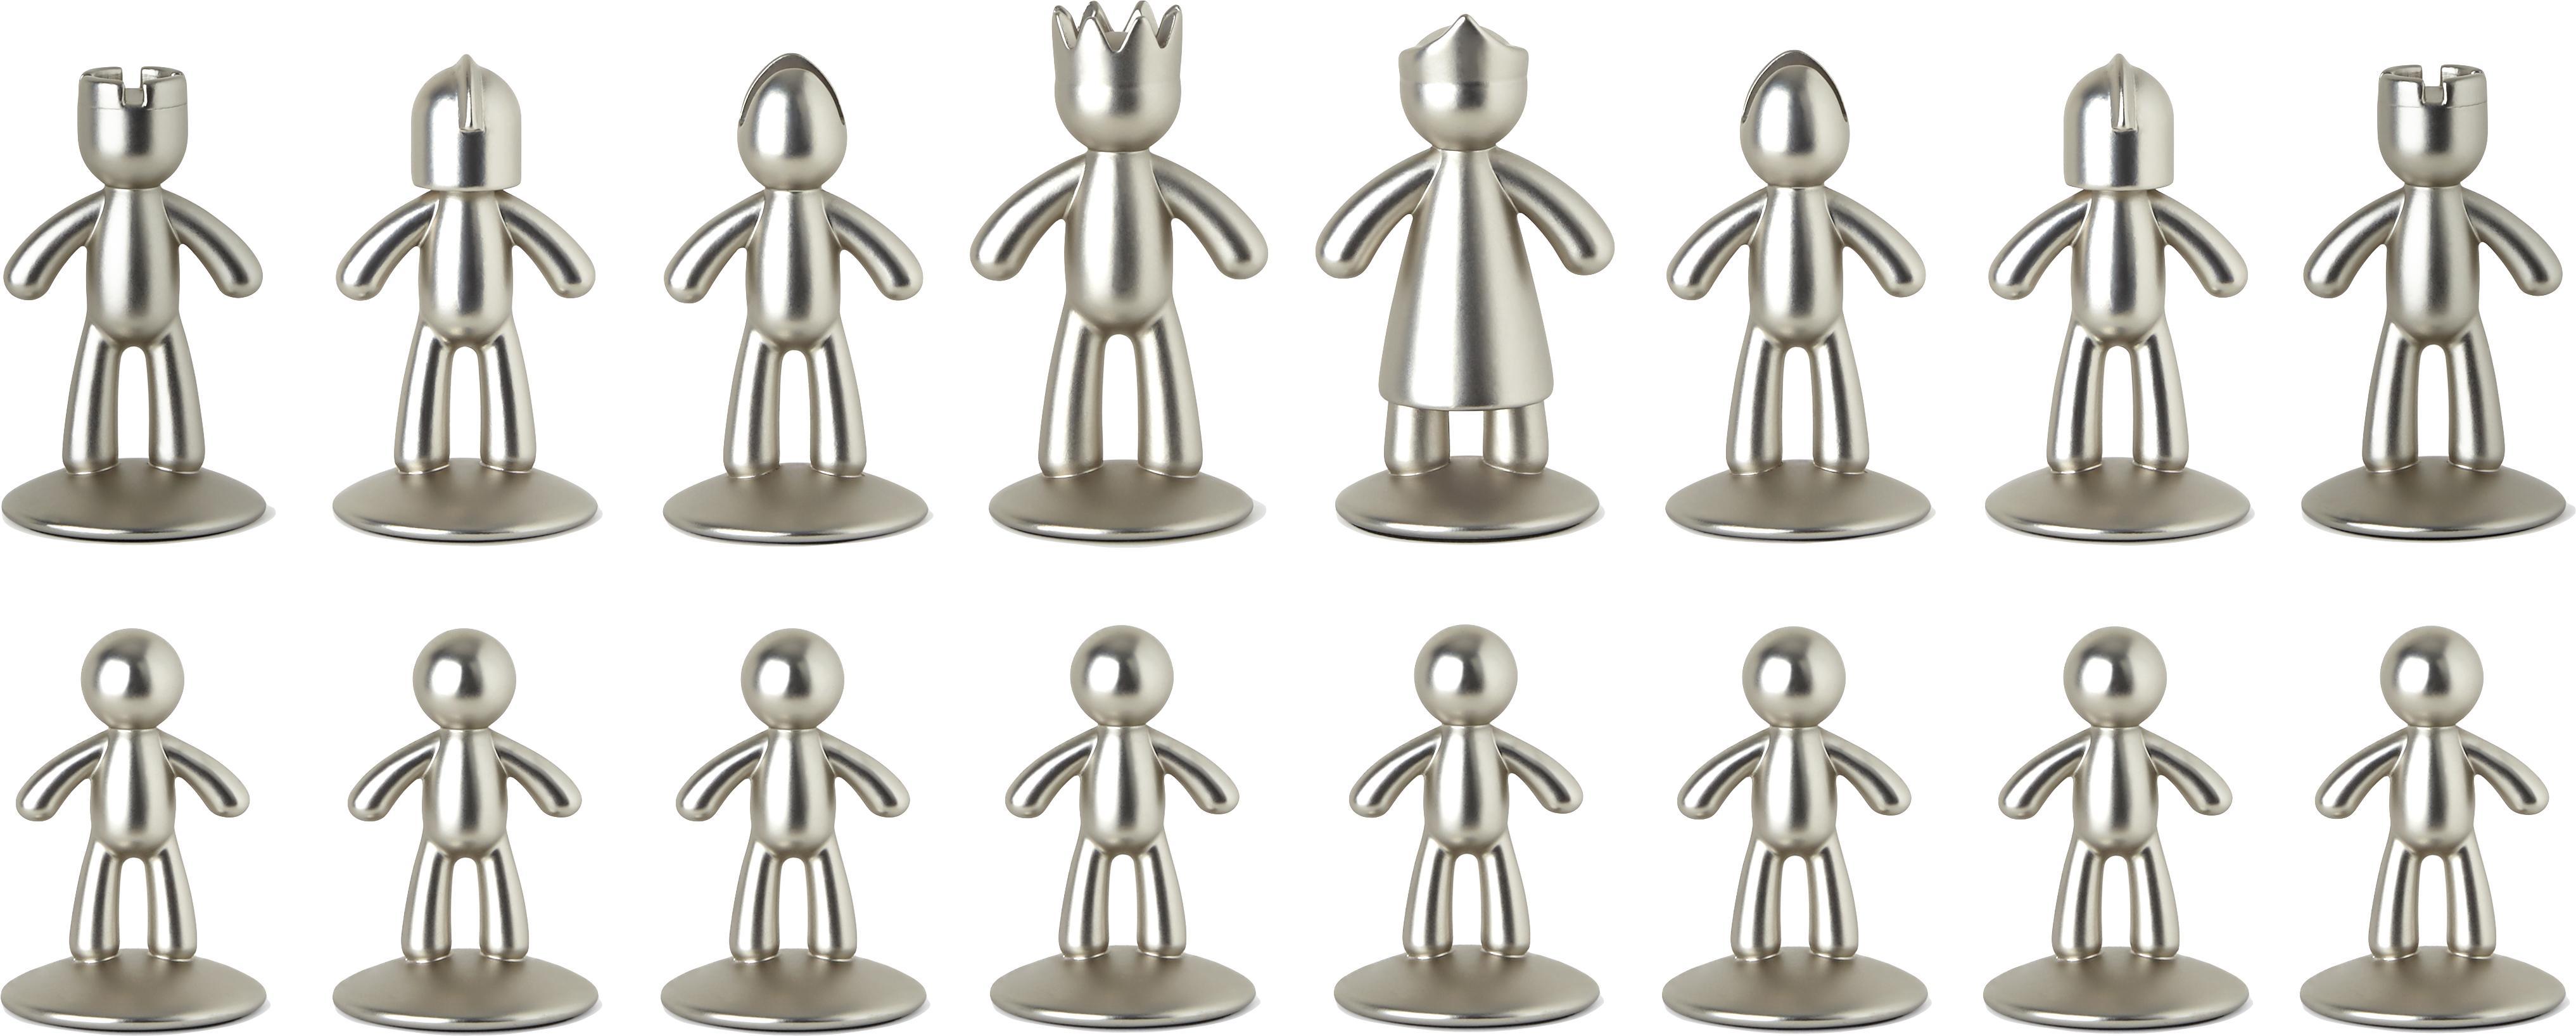 Schachspiel Buddy, 33-tlg., Box: Eschenholz, Box: Esche<br>Schachbrett: Titan<br>Figuren: Nickel, Titan, 33 x 4 cm